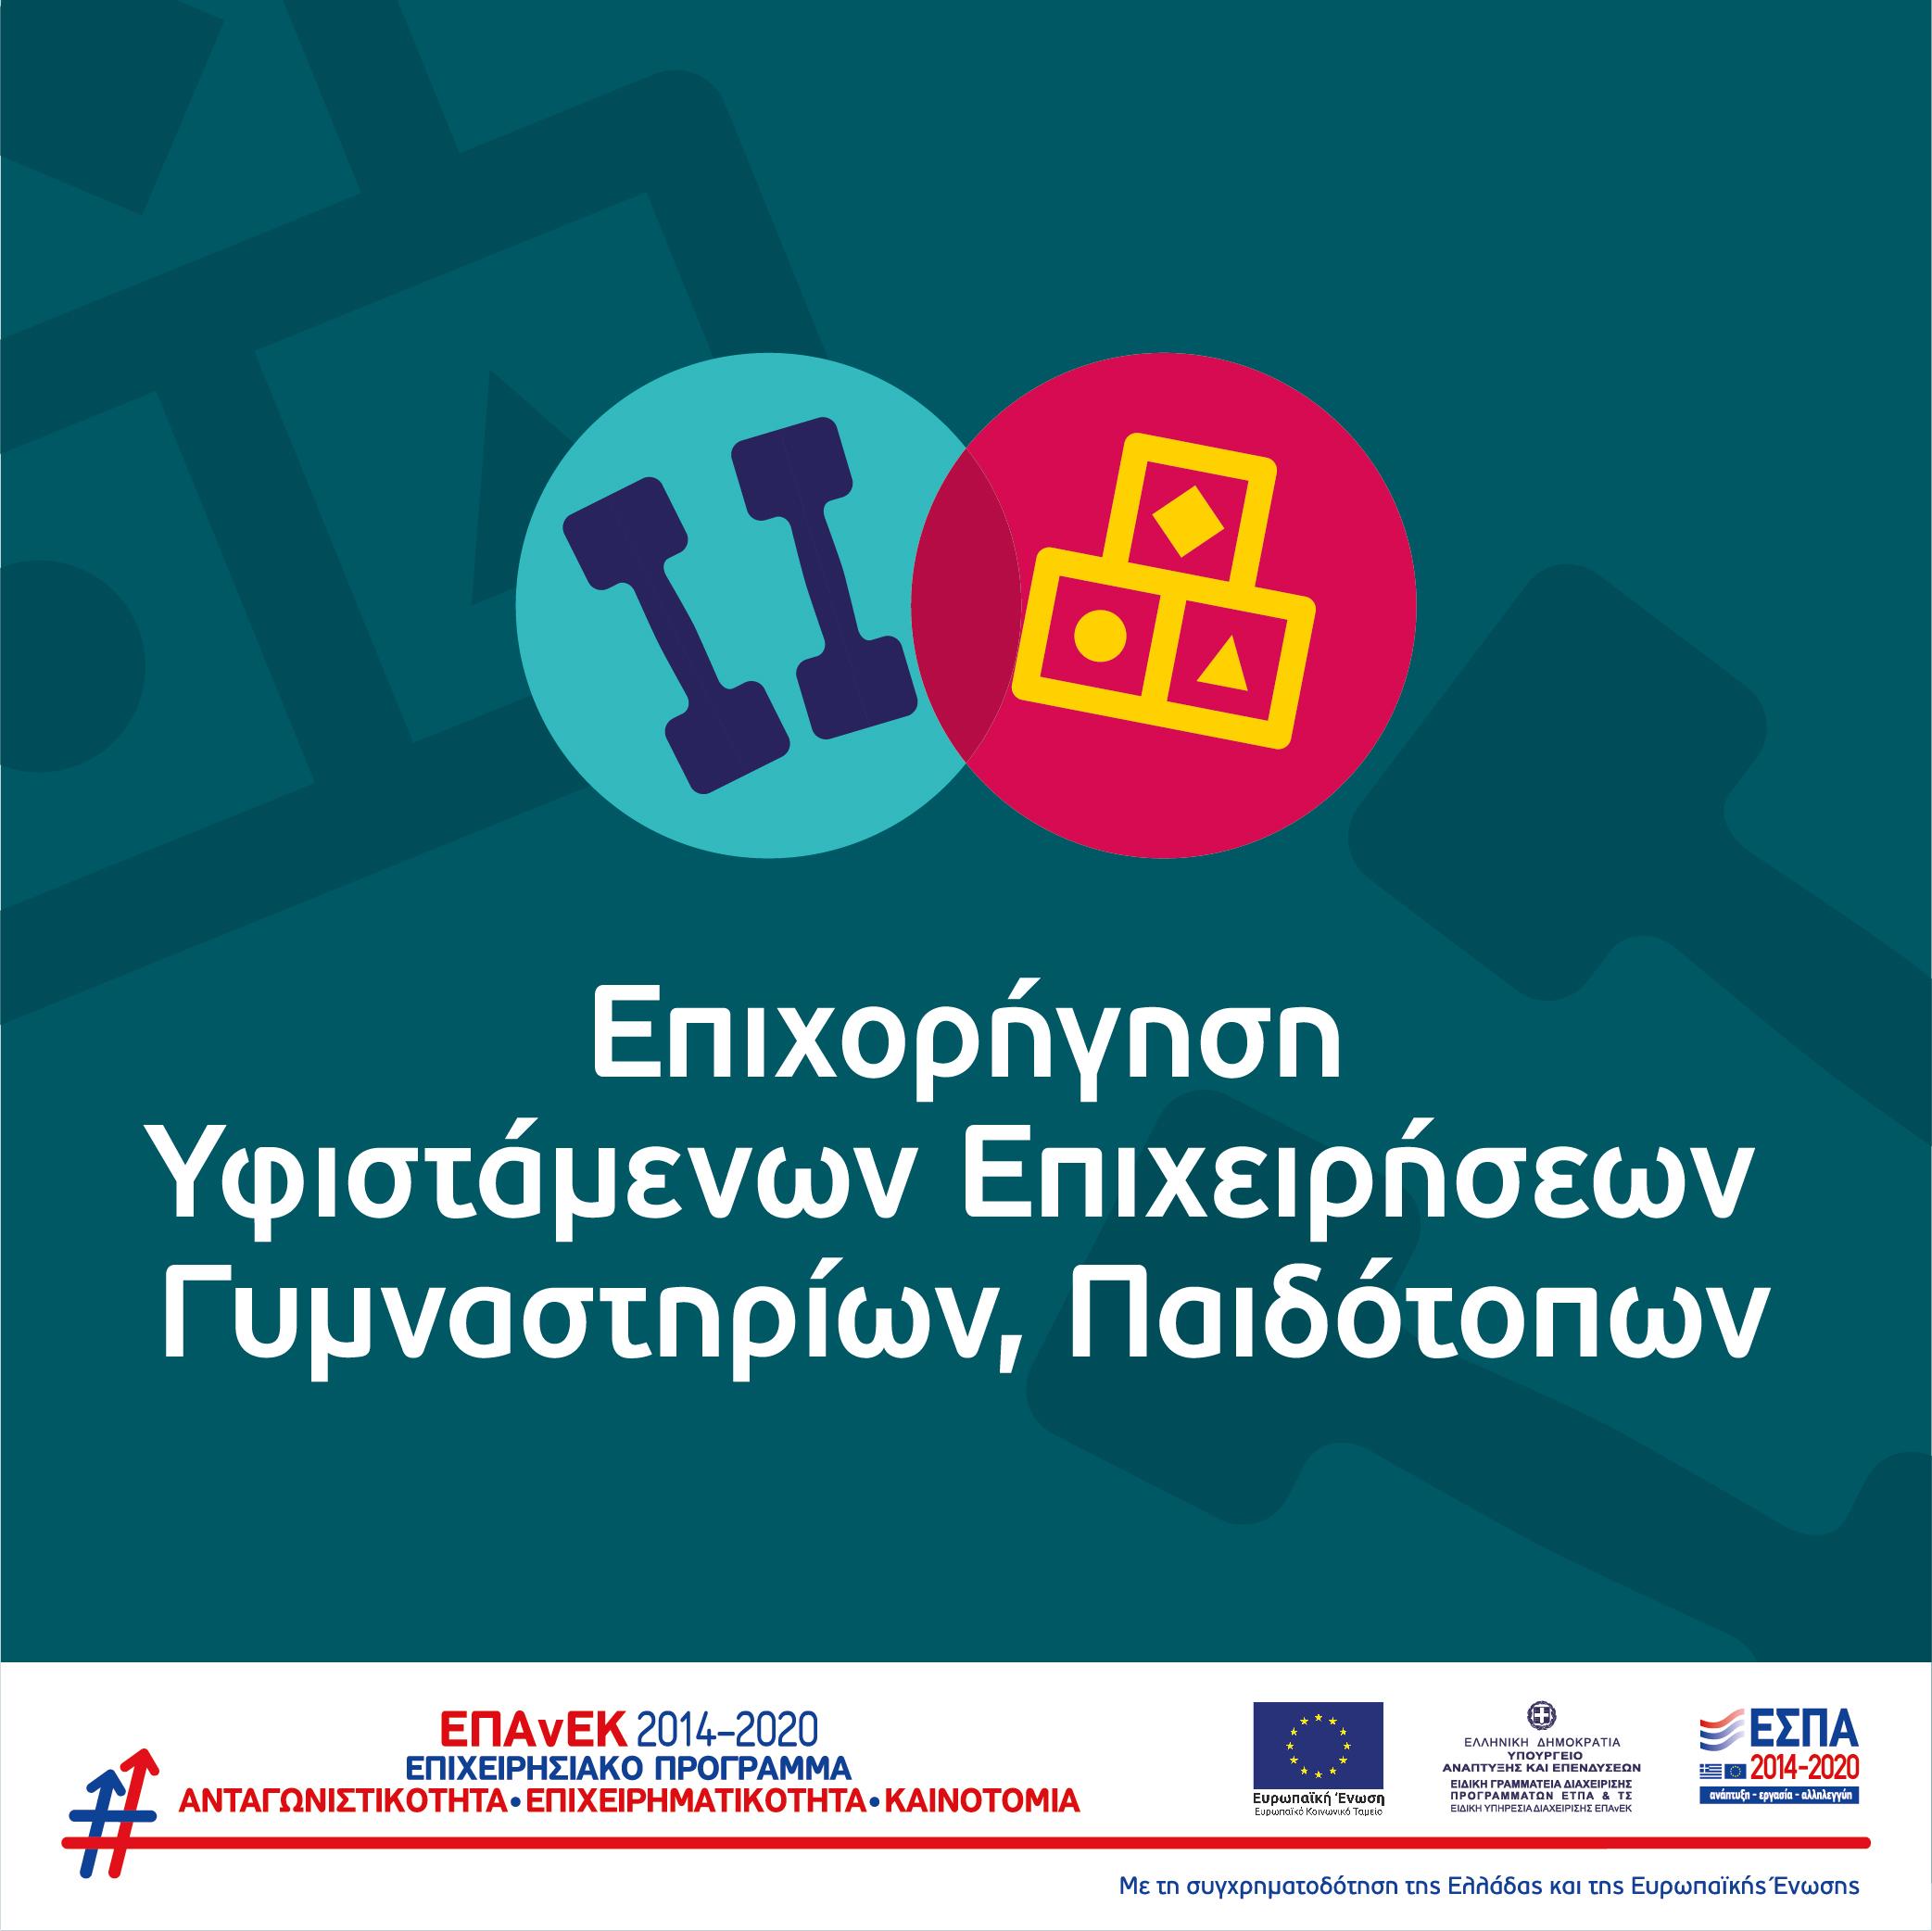 Προγραμματα 2014-2020 / Επιχορήγηση Υφιστάμενων Επιχειρήσεων Γυμναστηρίων, Παιδότοπων